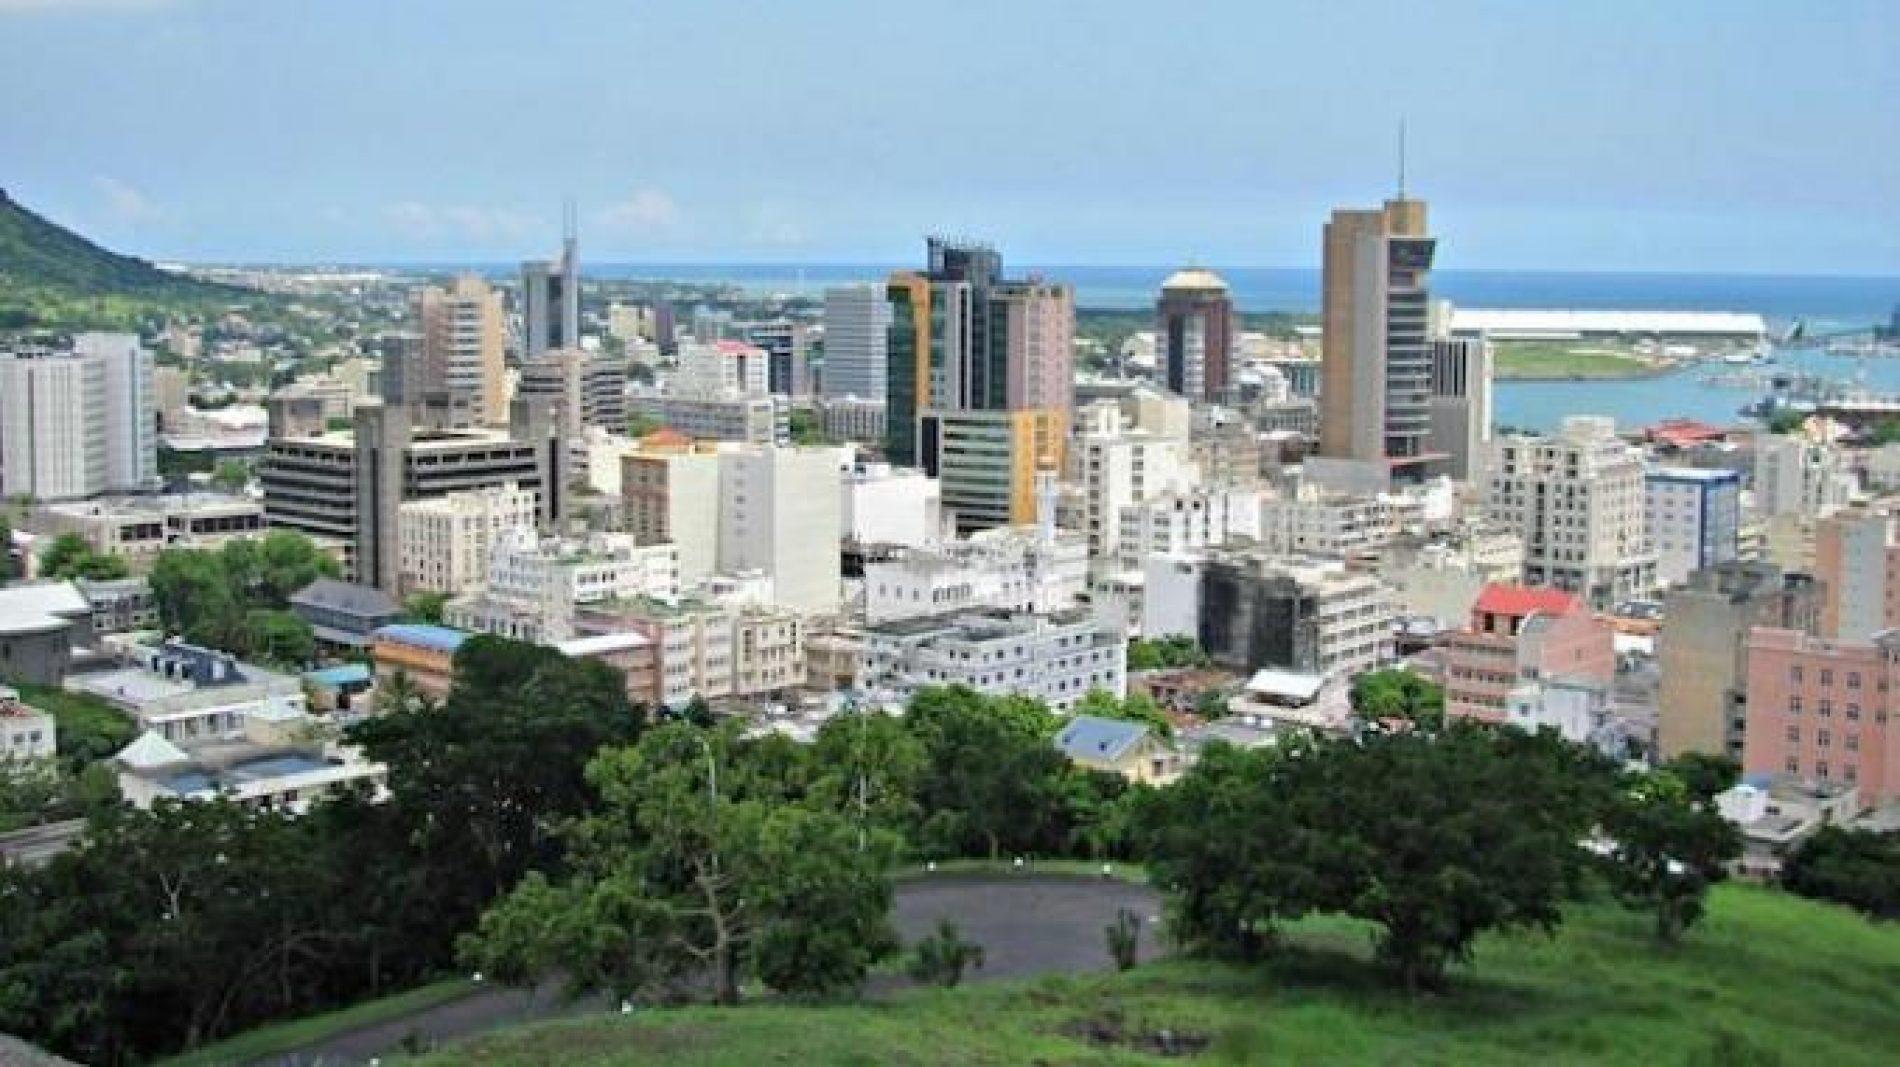 Cités intelligentes : L'AFD choisi 12 villes africaines pour former un réseau